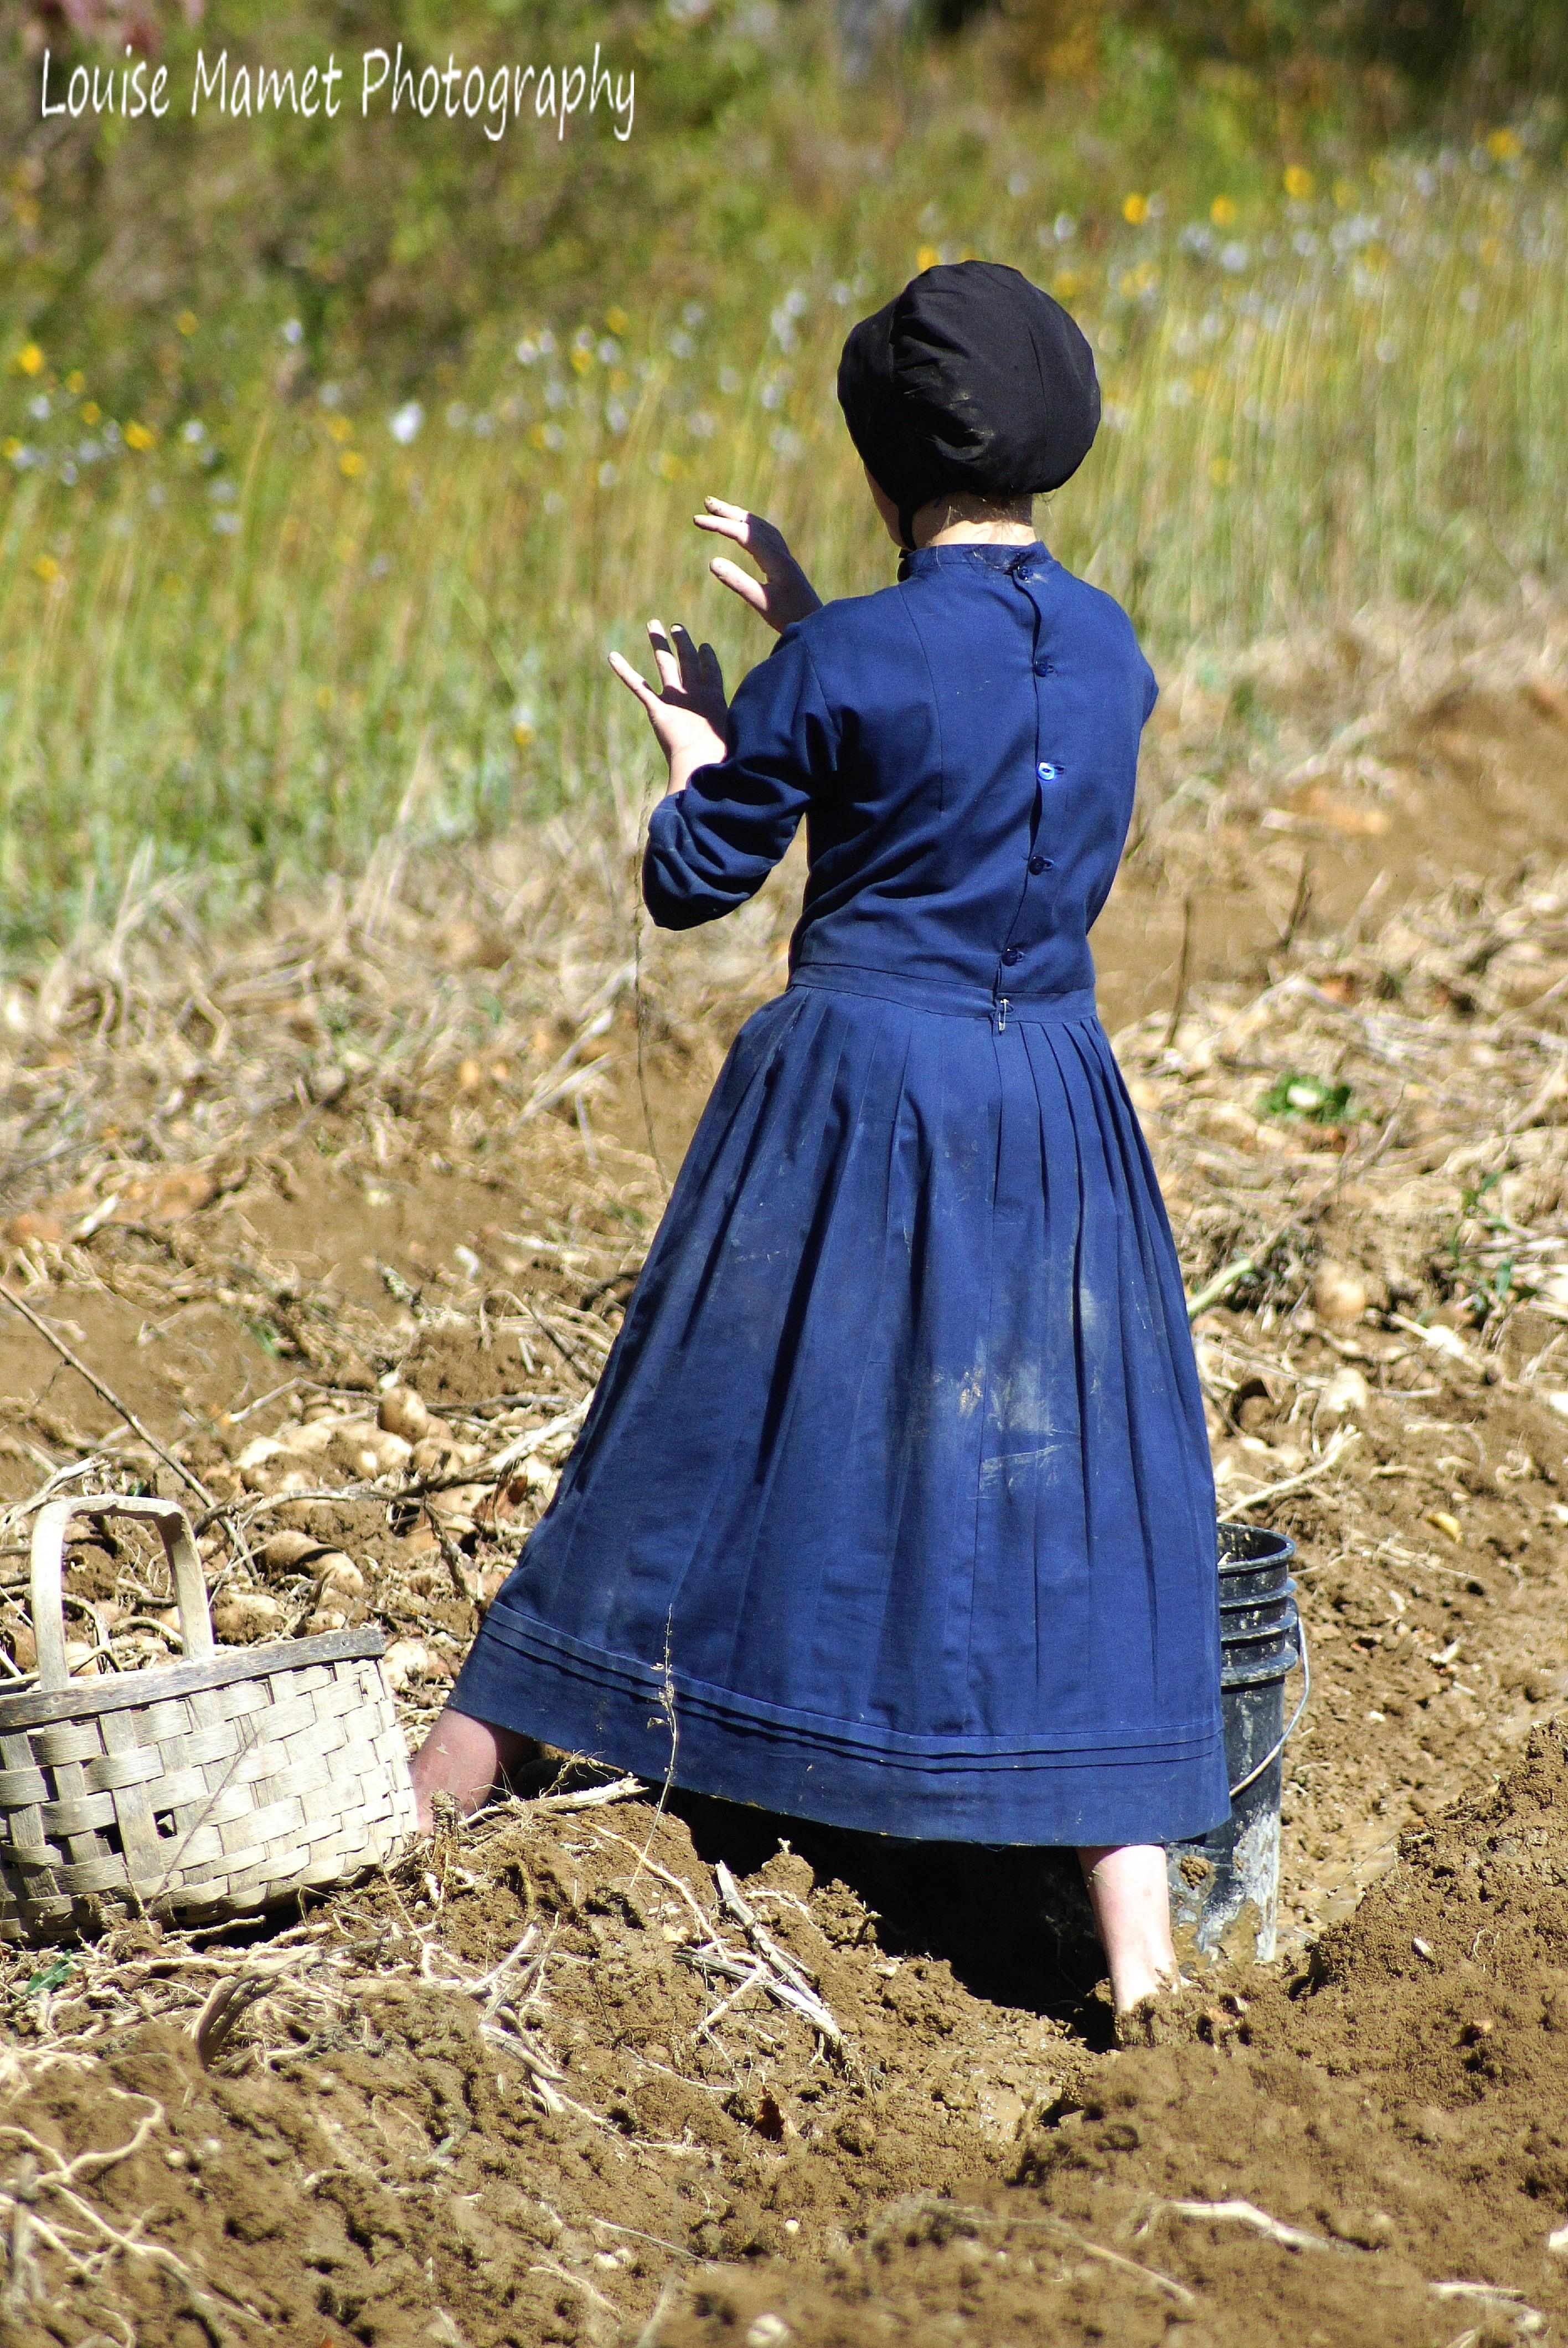 swartzentruber Amish datovania pravidládatovania červený nos